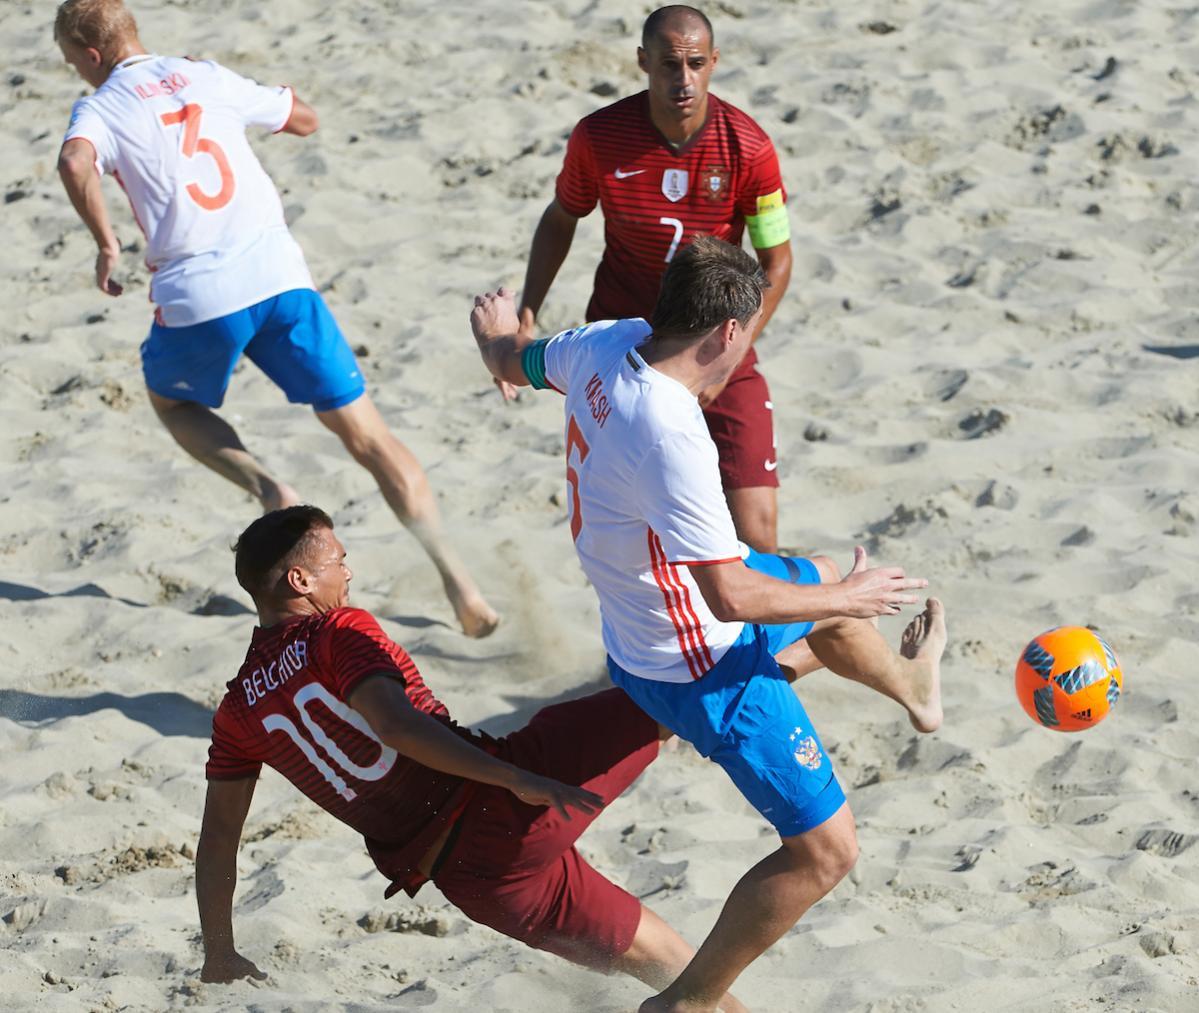 Футбол россия украина прогноз пляжный